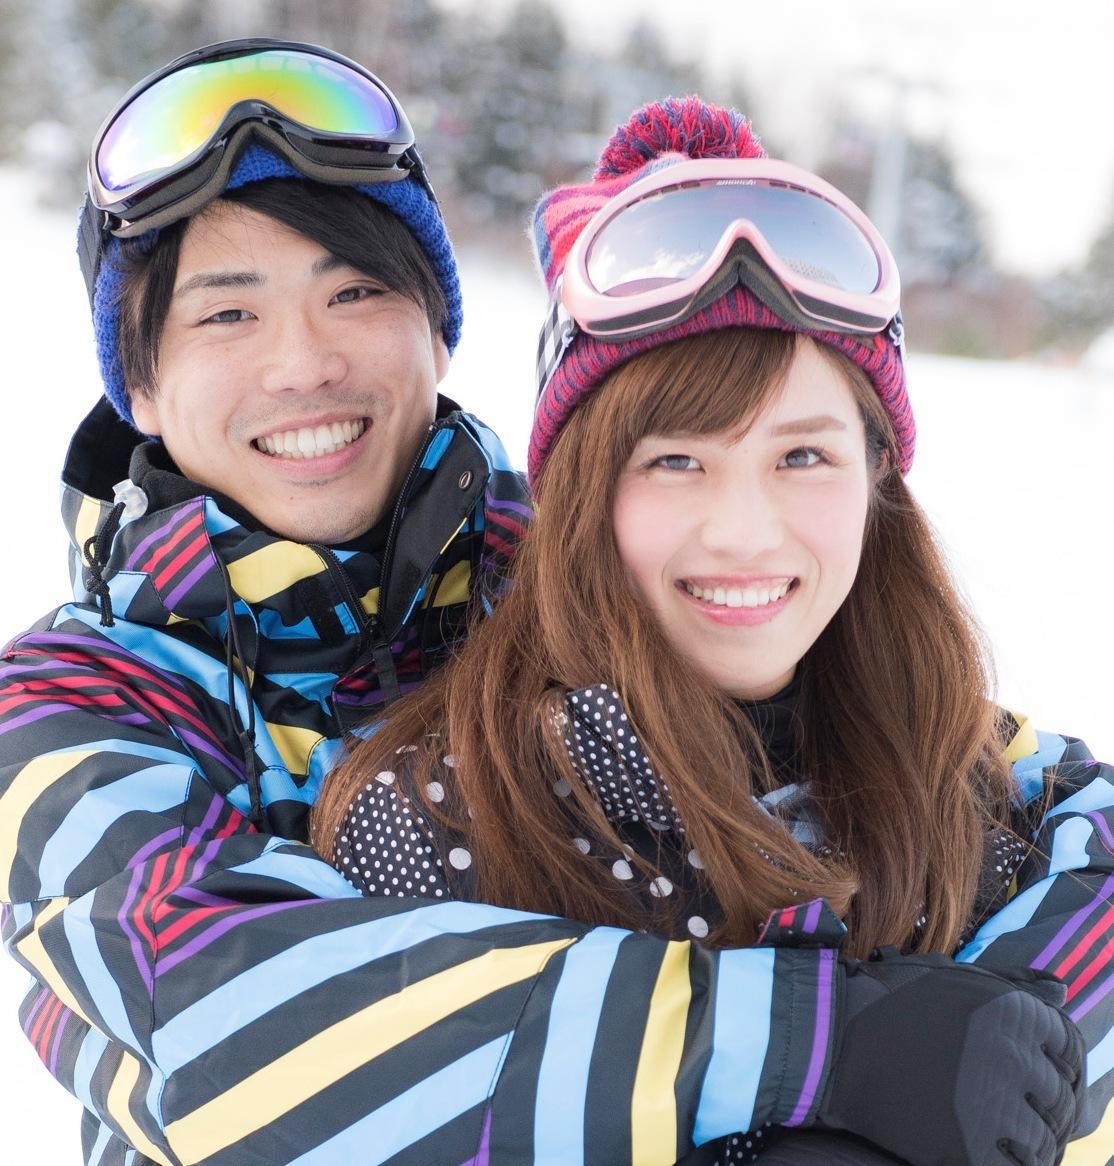 「冬が胸にきた」の桜井日奈子ちゃんを<br />ゲレンデで探しに、「俺が山にきた」<br />【カップル編】